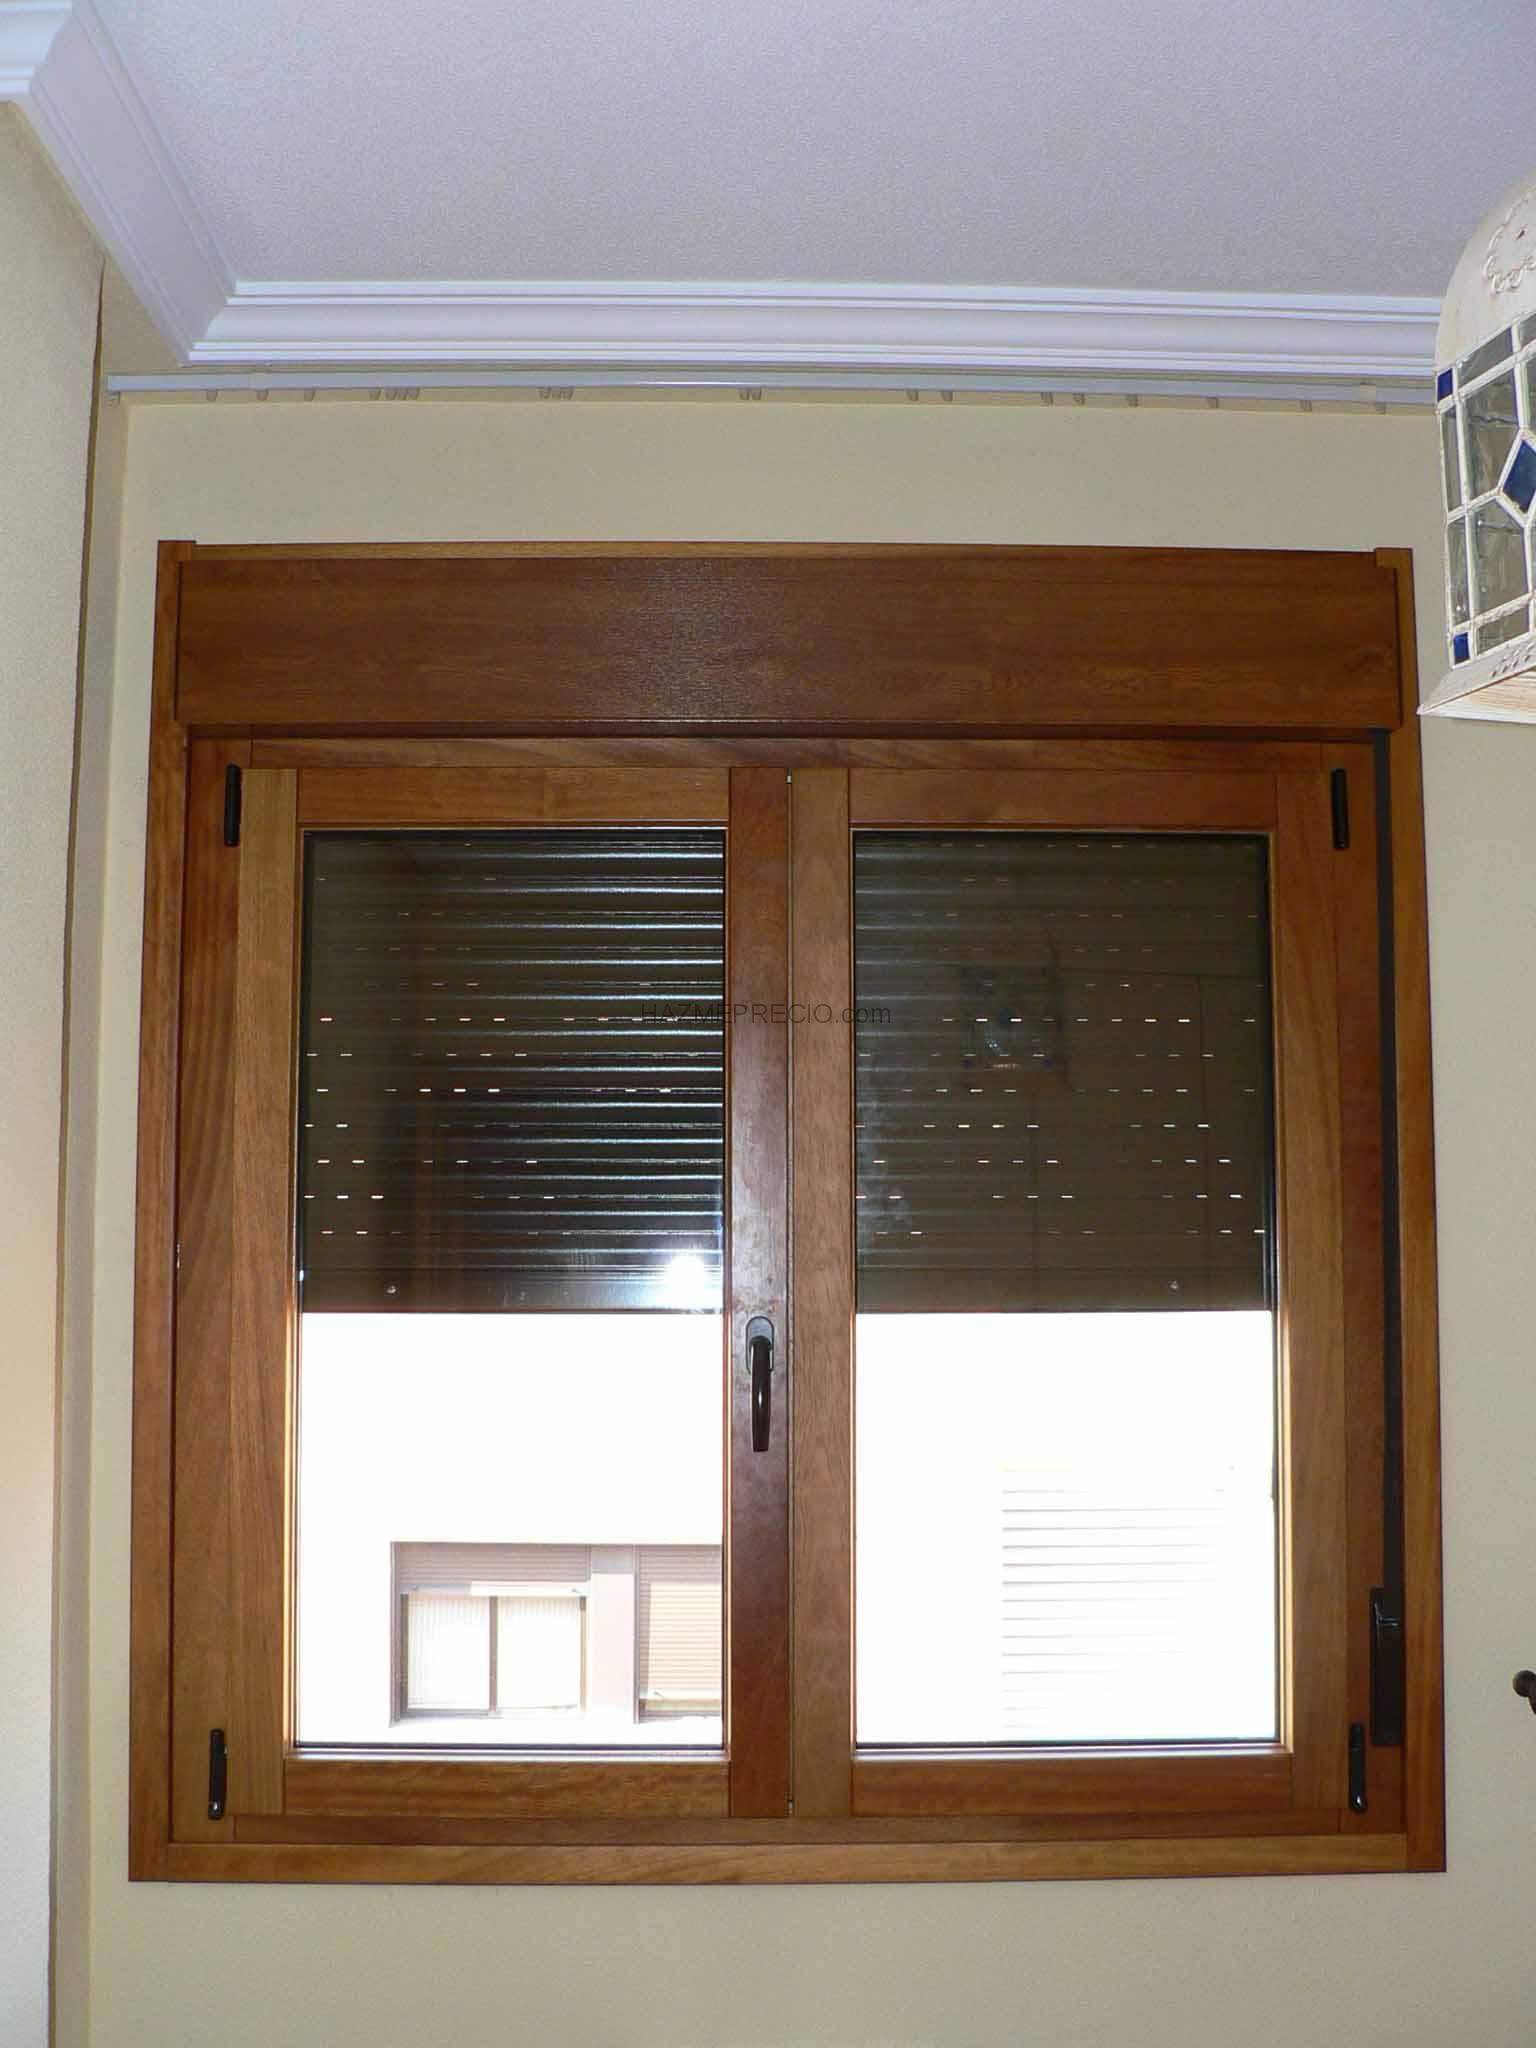 presupuesto para adquirir dos ventanas de aluminio